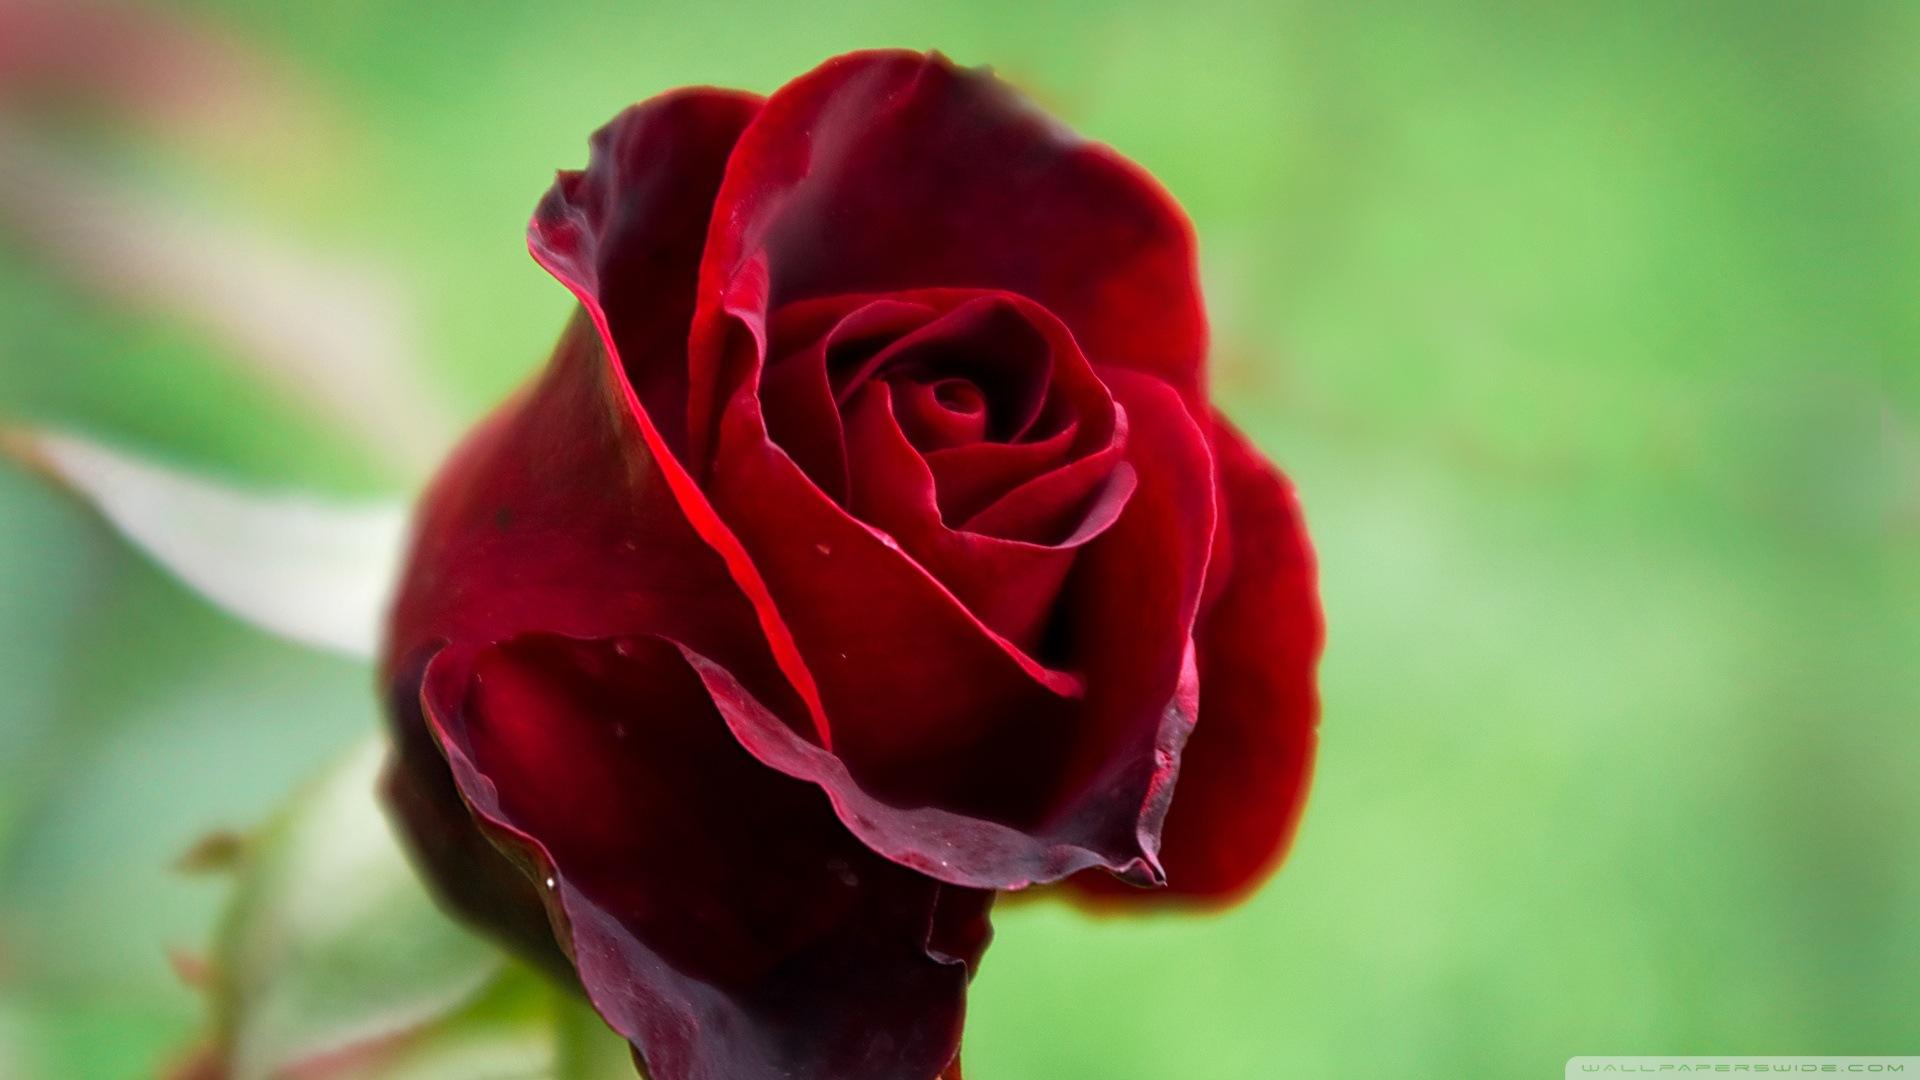 Beautiful Rose Wallpapers Hd Wallpapersafari